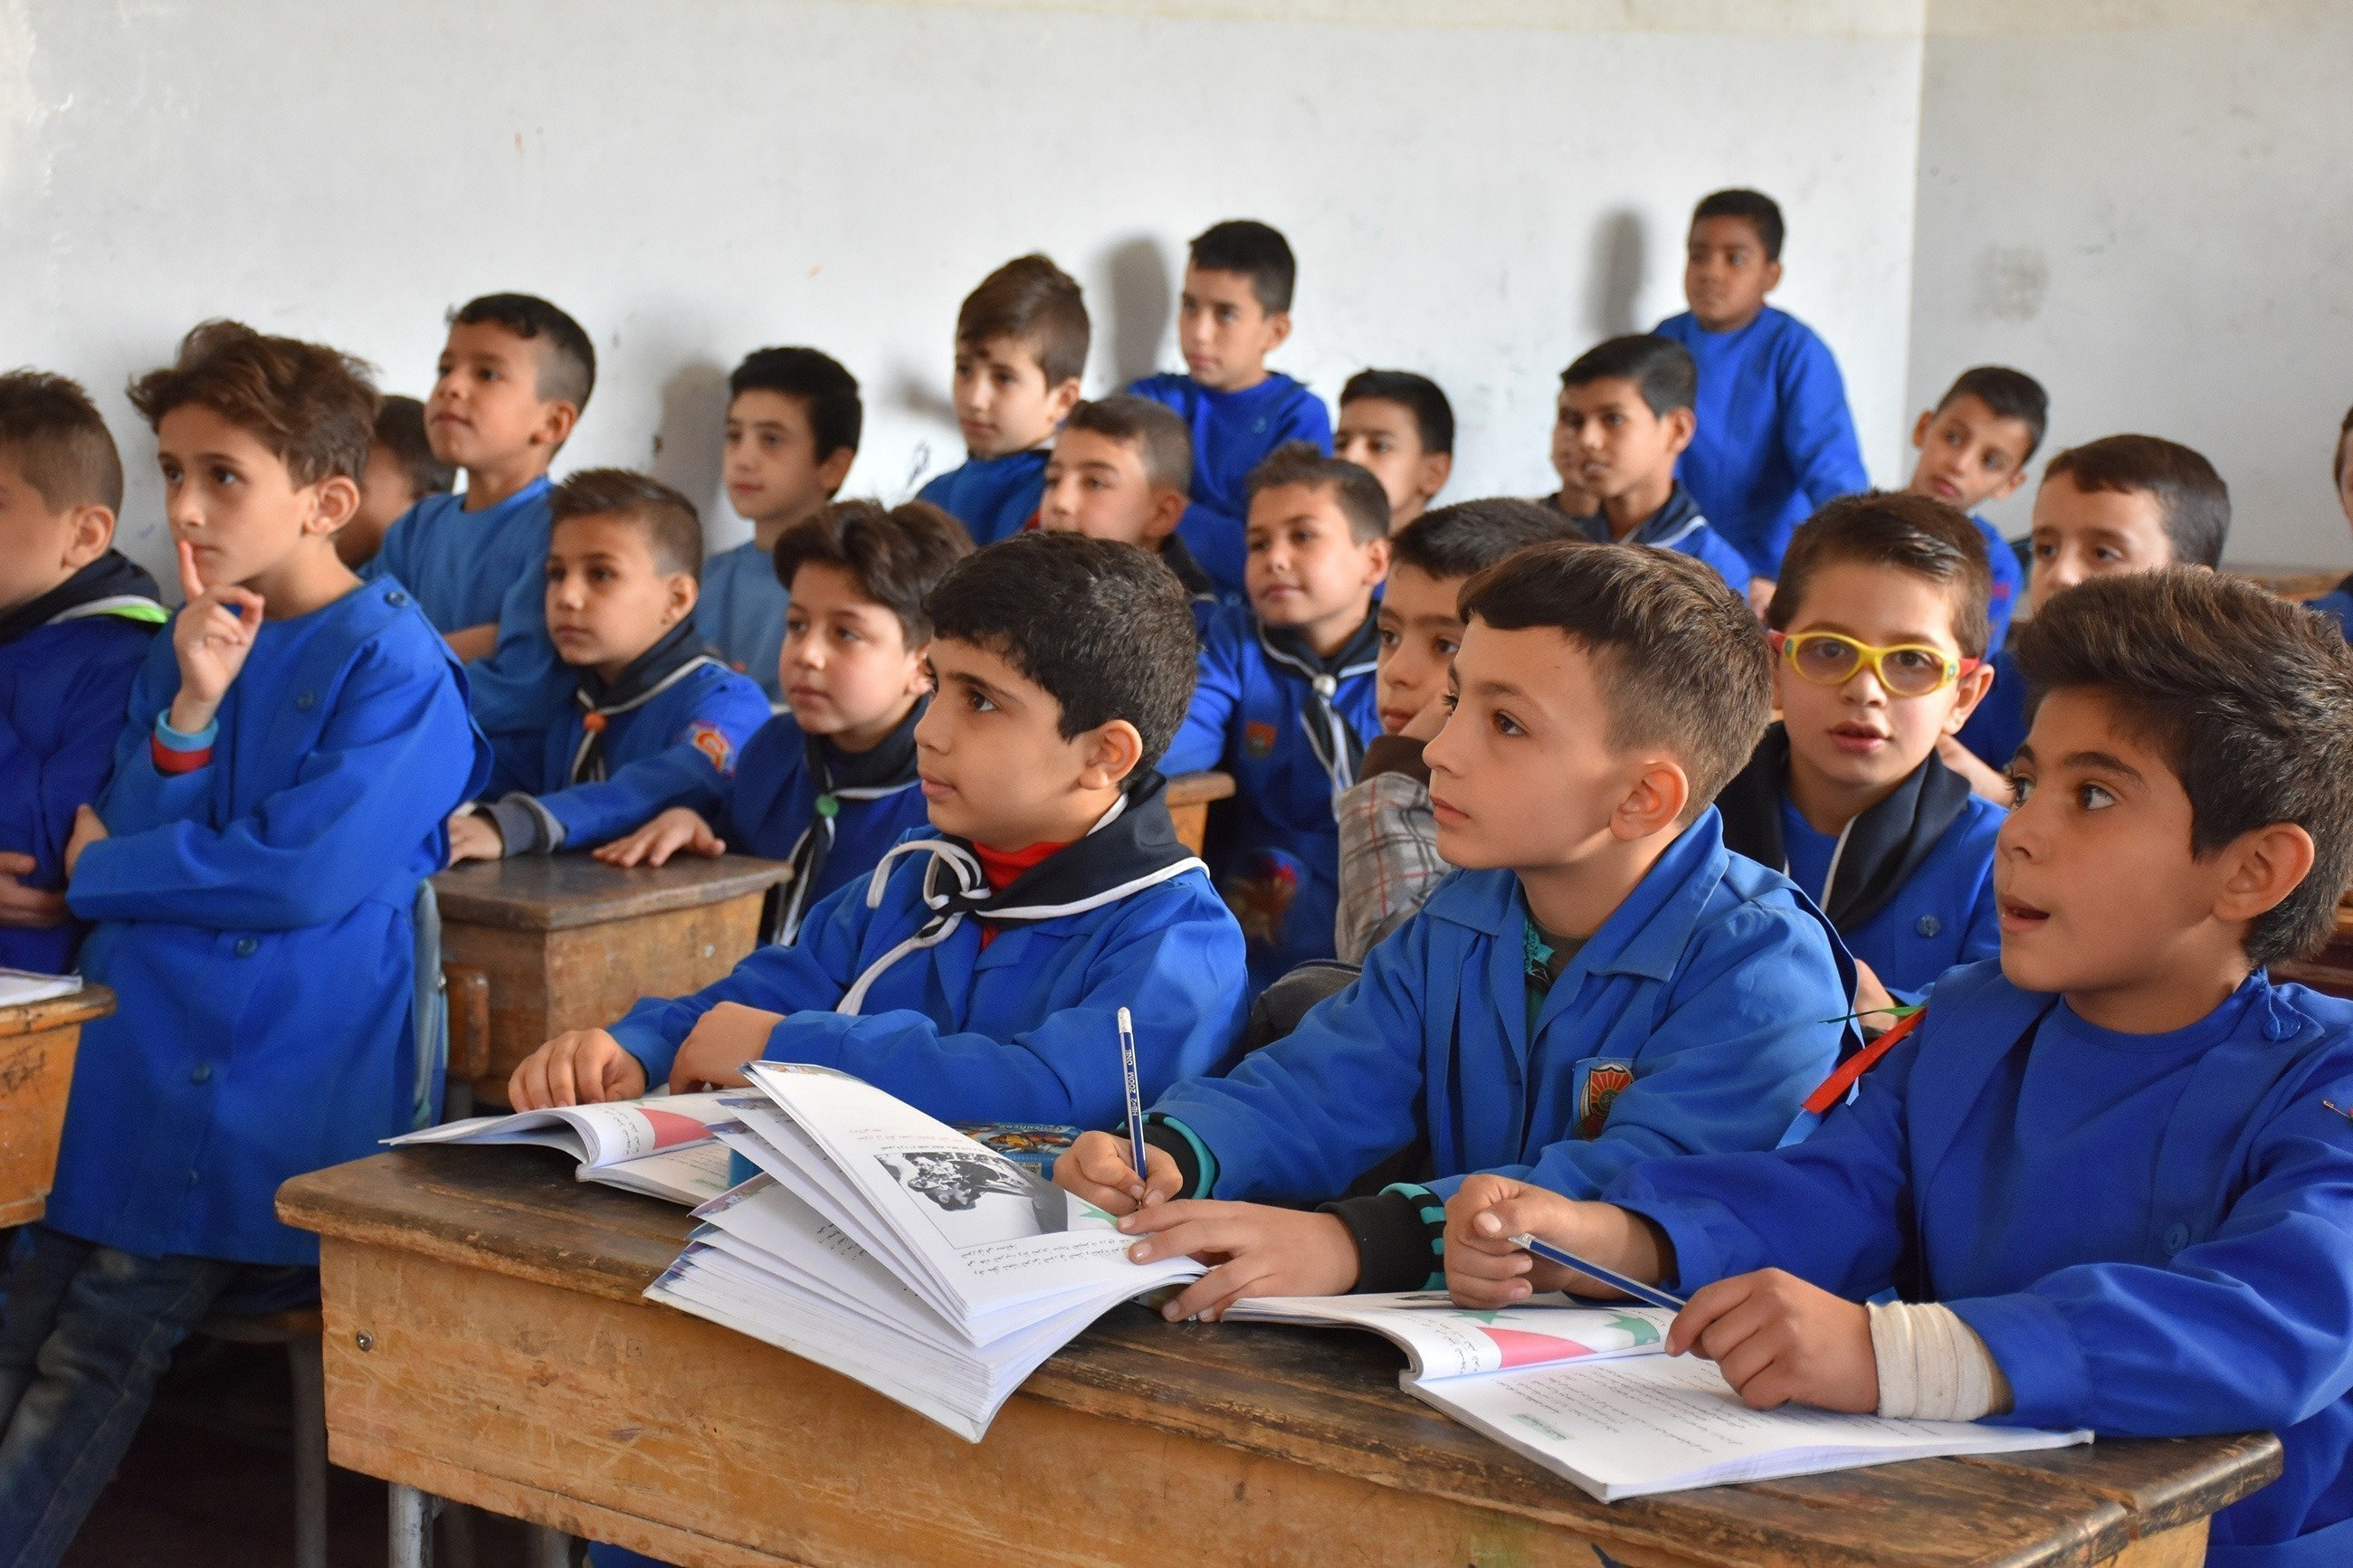 Un gruppo di ragazzi a scuola ascolta attentamente.